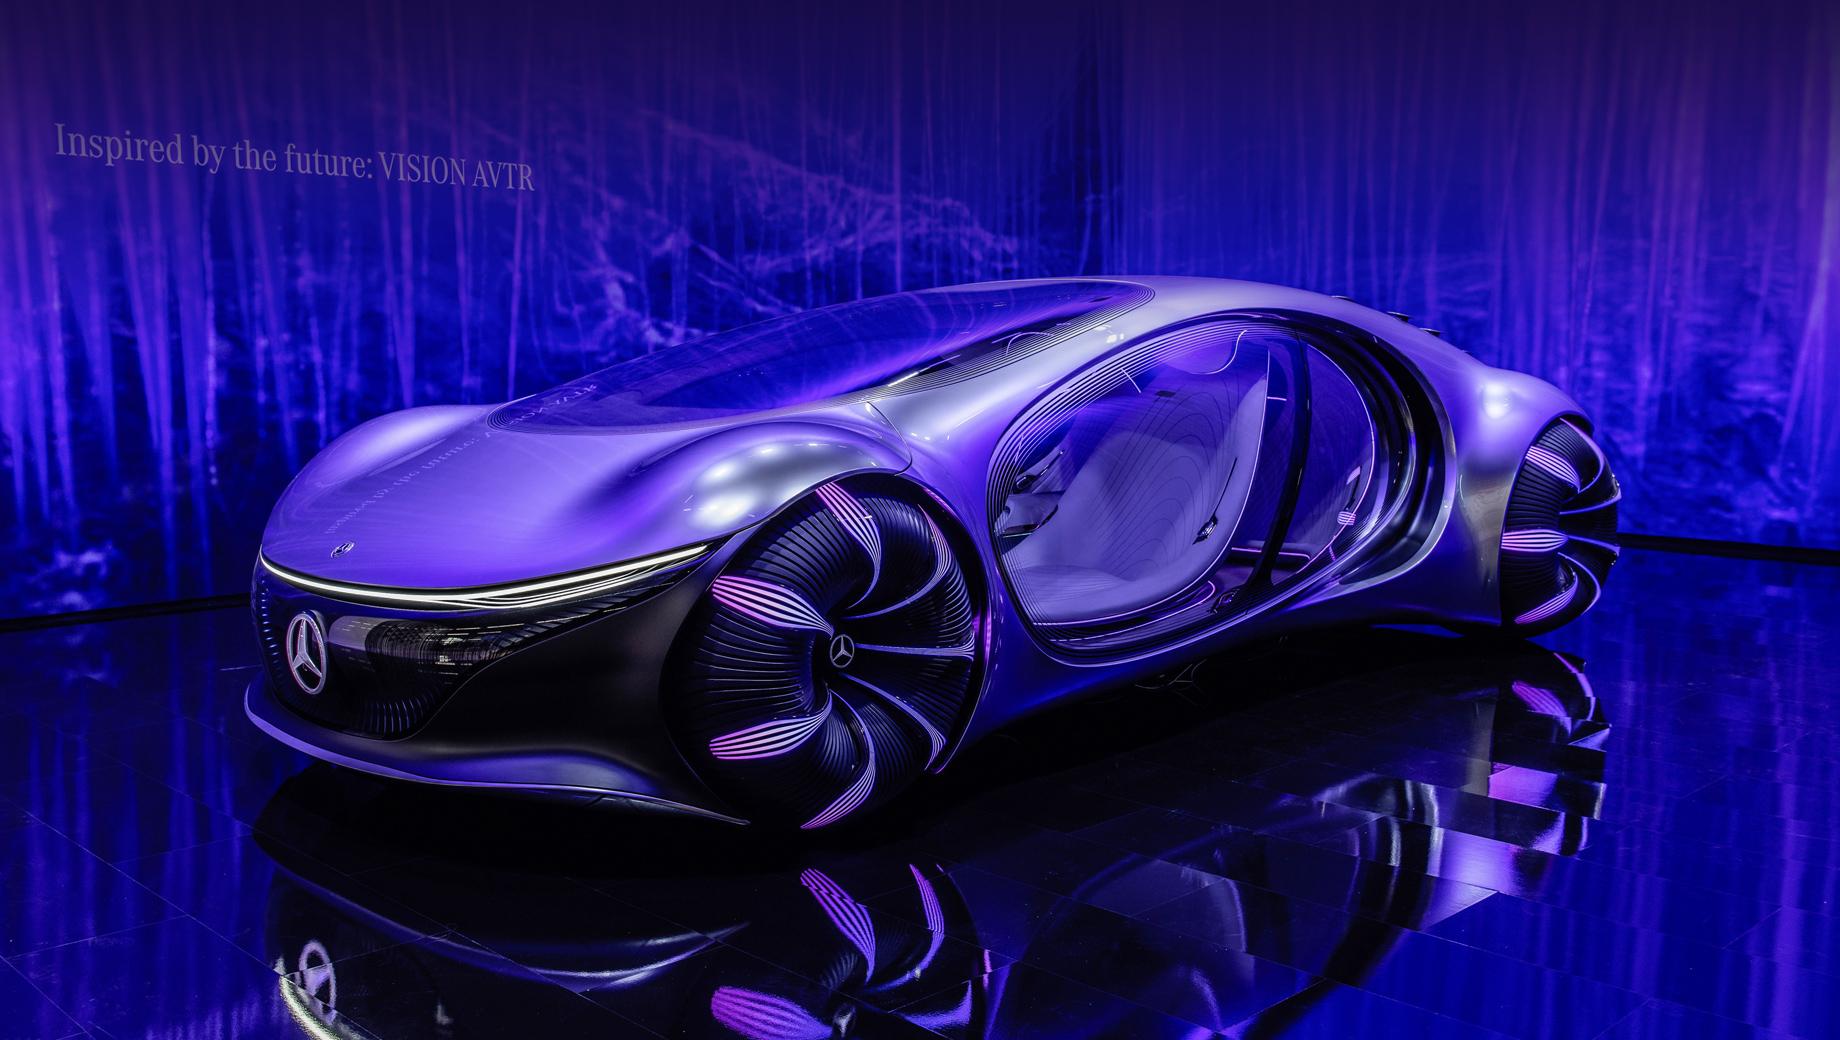 Mercedes vision avtr,Mercedes concept. Впервые показанный на выставке CES в Лас-Вегасе концепт представил не только футуристичный дизайн, но и передовую органическую батарею на основе графена (110 кВт•ч), дающую запас хода более 700 км. В движение аппарат приводят четыре электромотора с суммарной мощностью 350 кВт (476 л.с.).